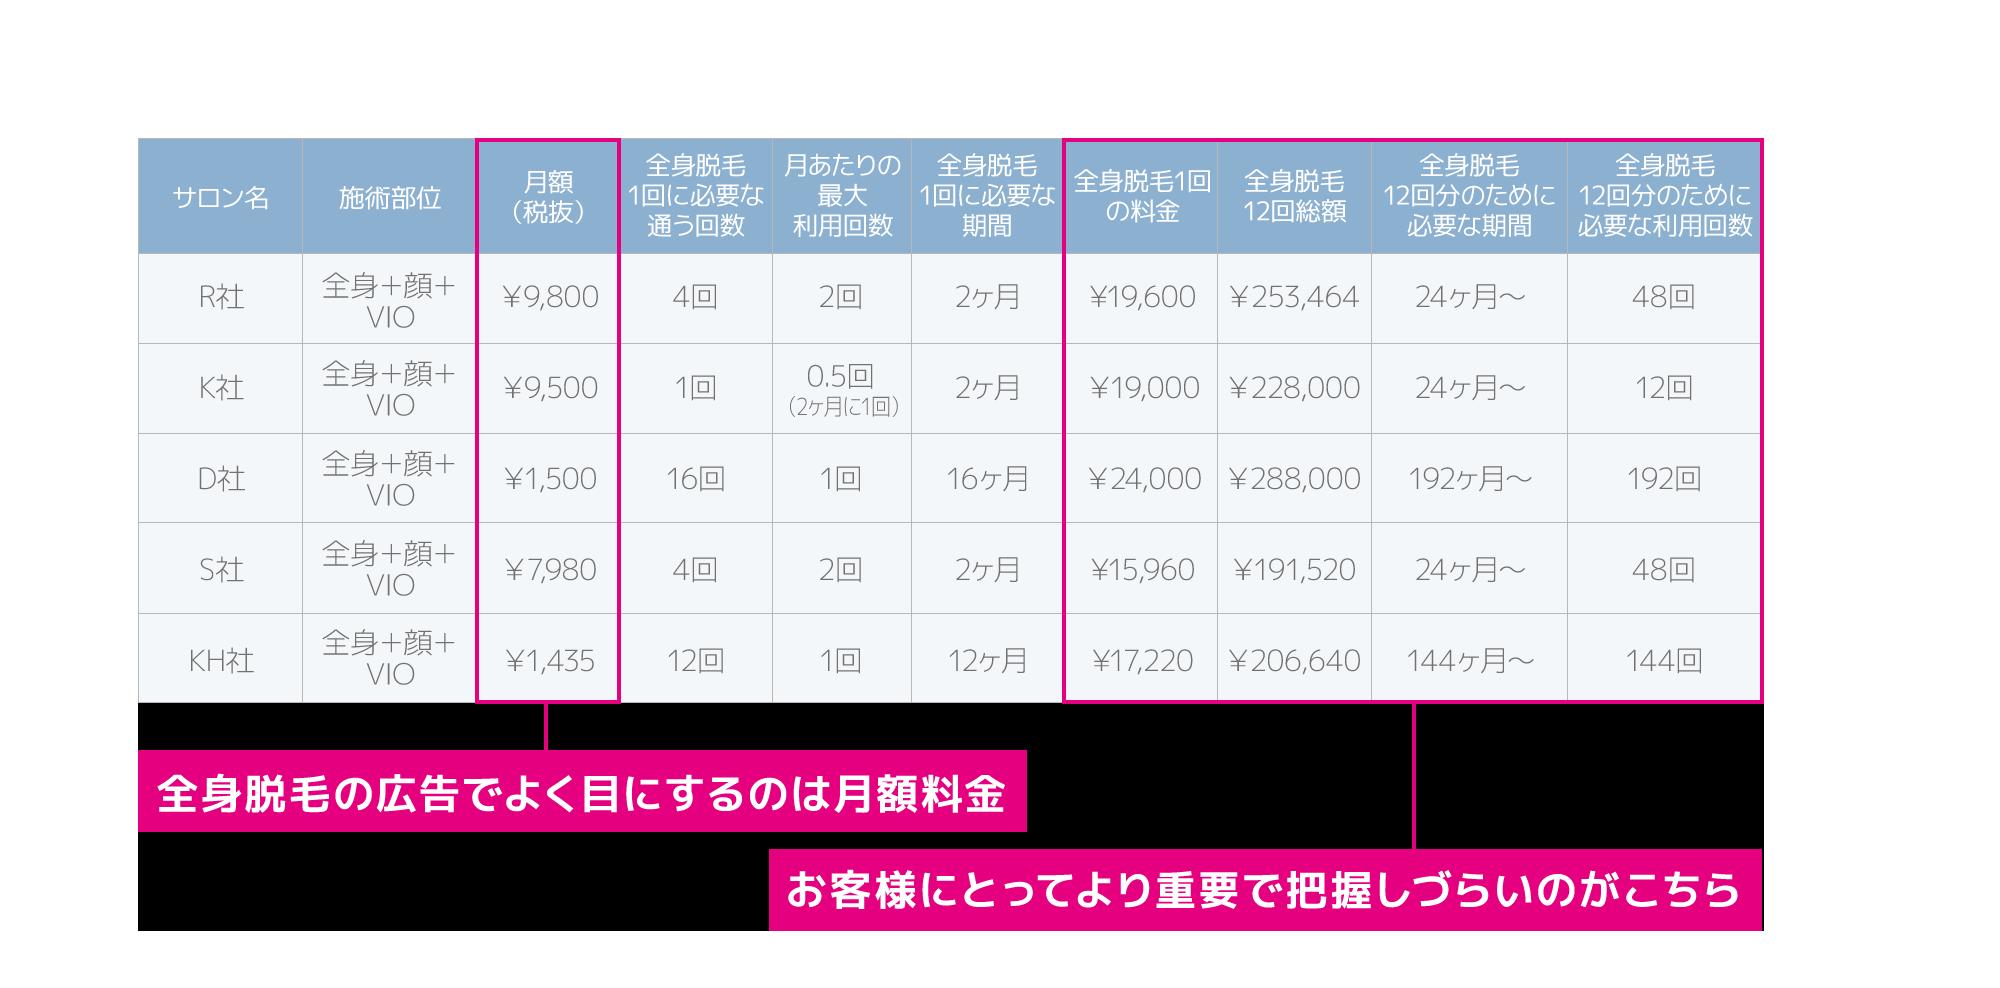 有名サロン月額制比較表